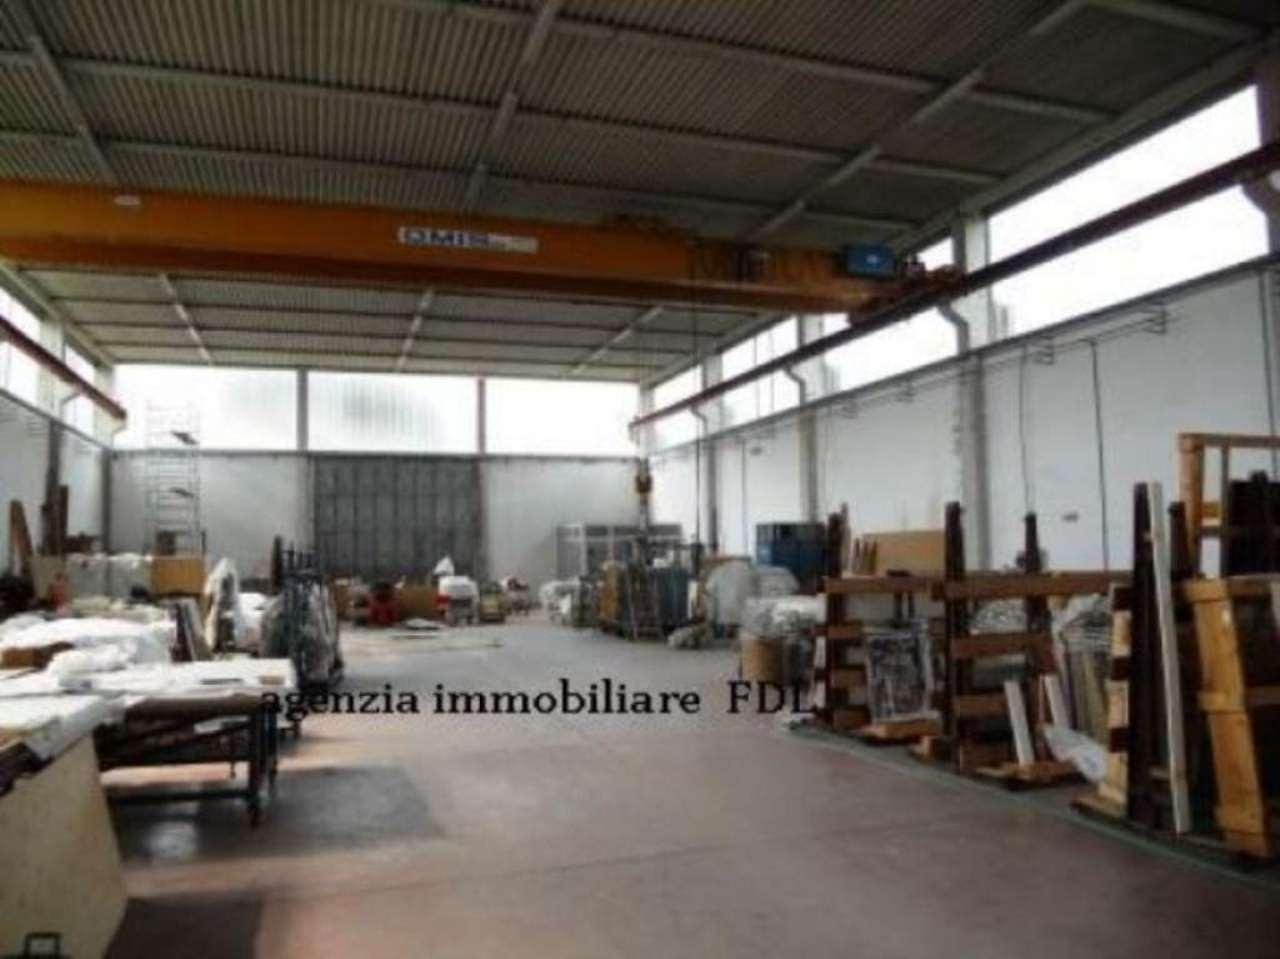 Capannone in vendita a Casciana Terme Lari, 6 locali, prezzo € 450.000 | PortaleAgenzieImmobiliari.it